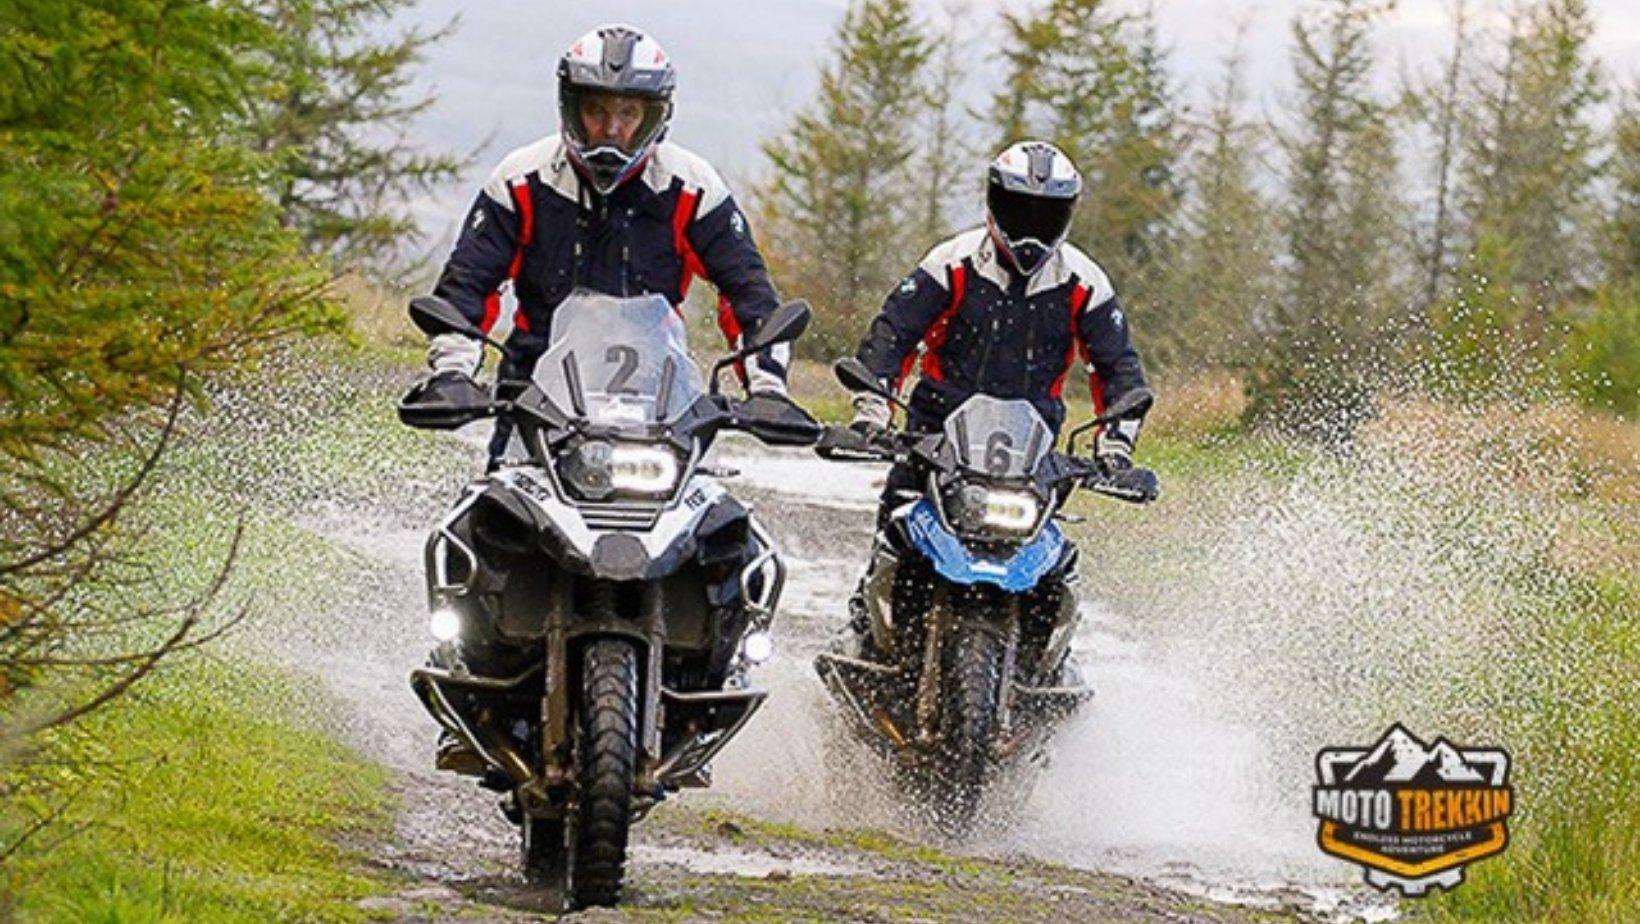 Moto Trekking  Motorcyclists